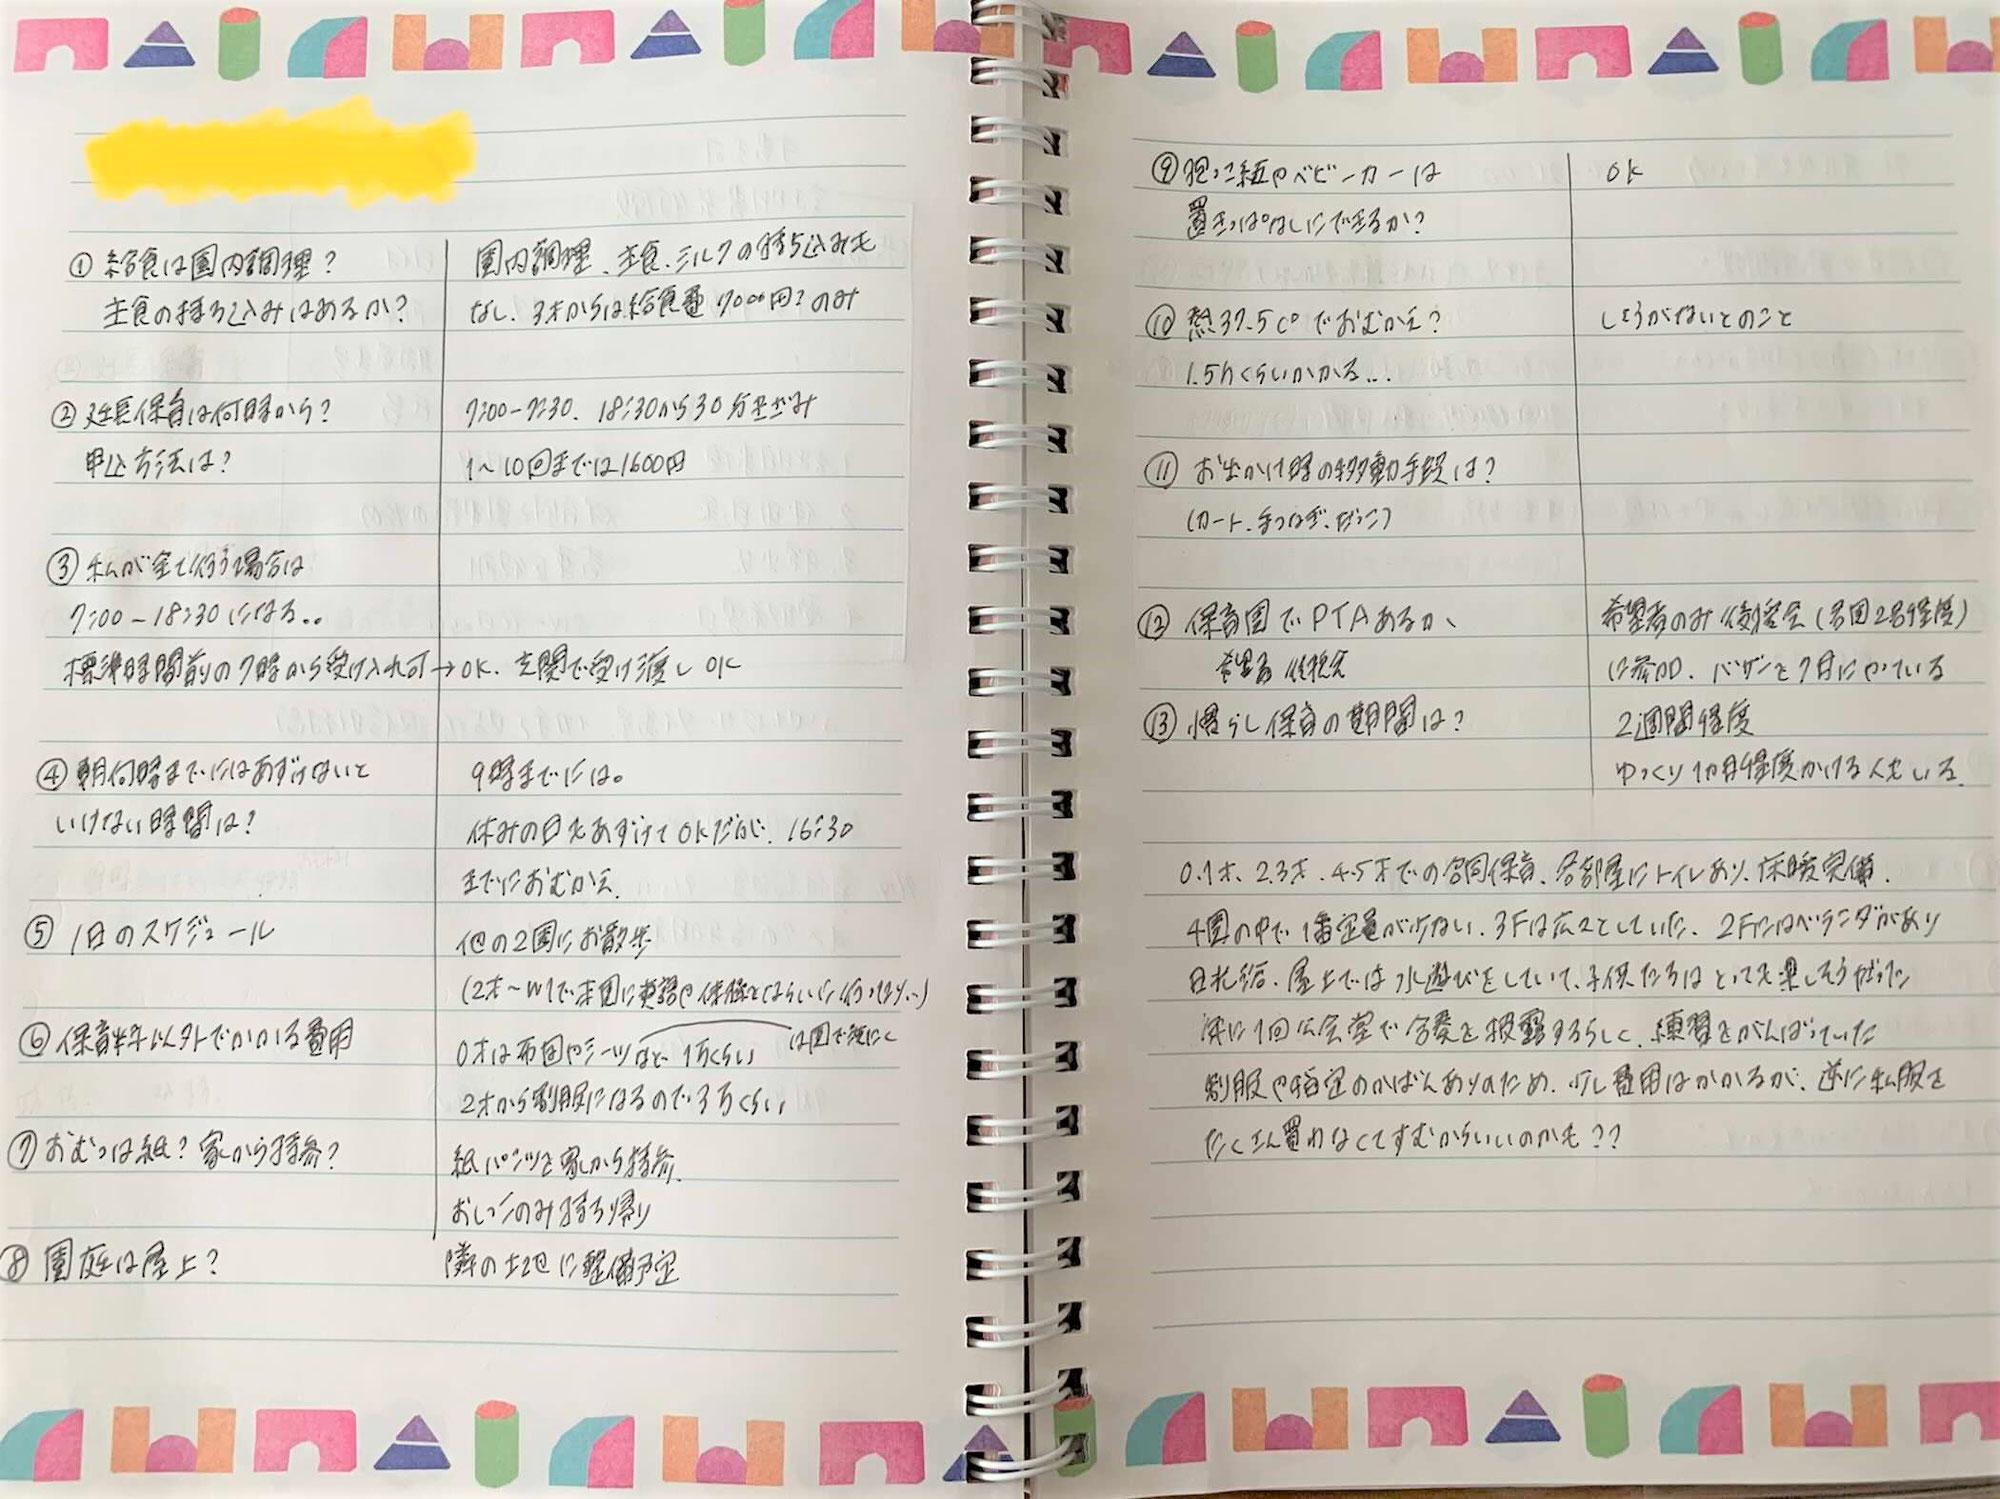 元保育課職員の保活記録(前編)~園見学のポイント実例公開~